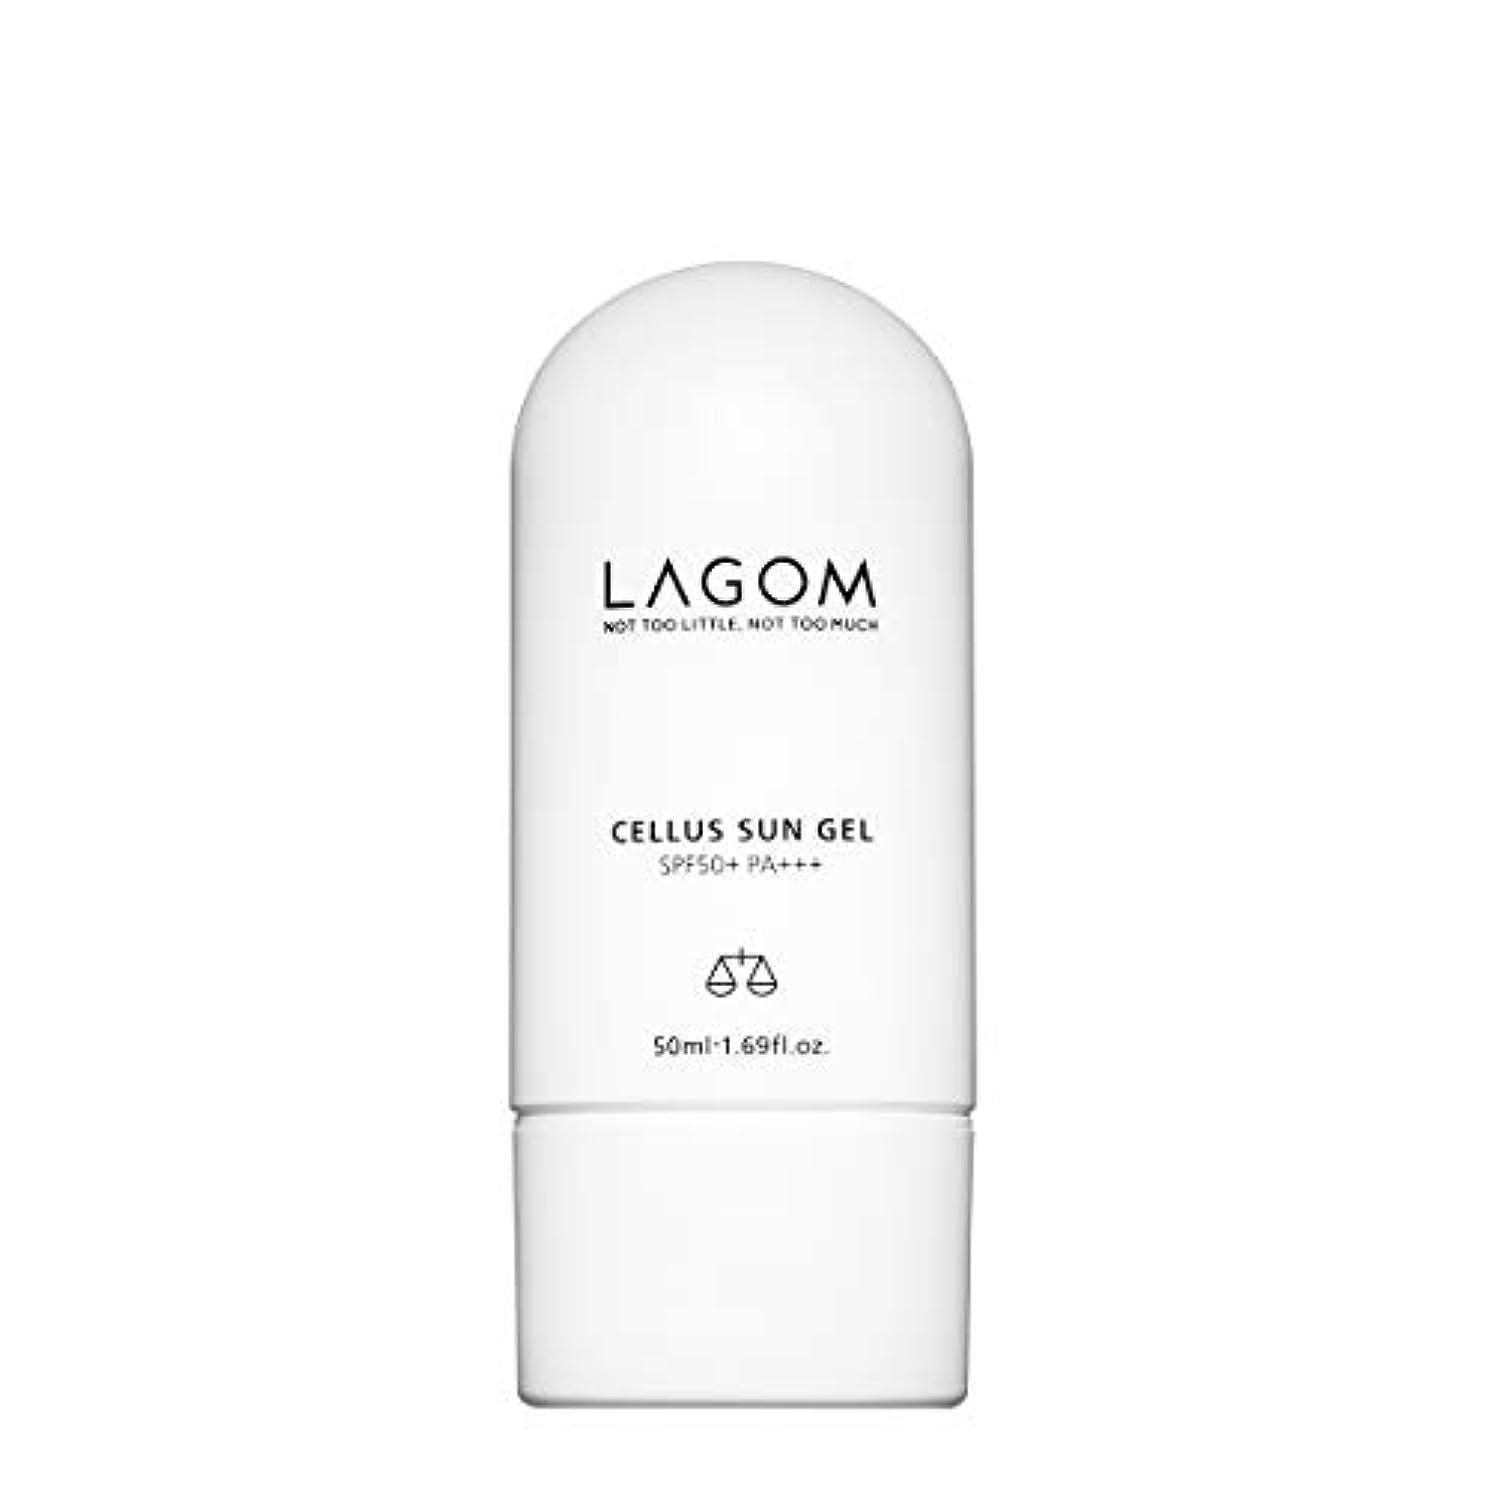 欠員工業化する起こるLAGOM(ラゴム) ラゴム サンジェル 50ml (日焼け止め乳液) SPF50+/PA+++ 日本正規品